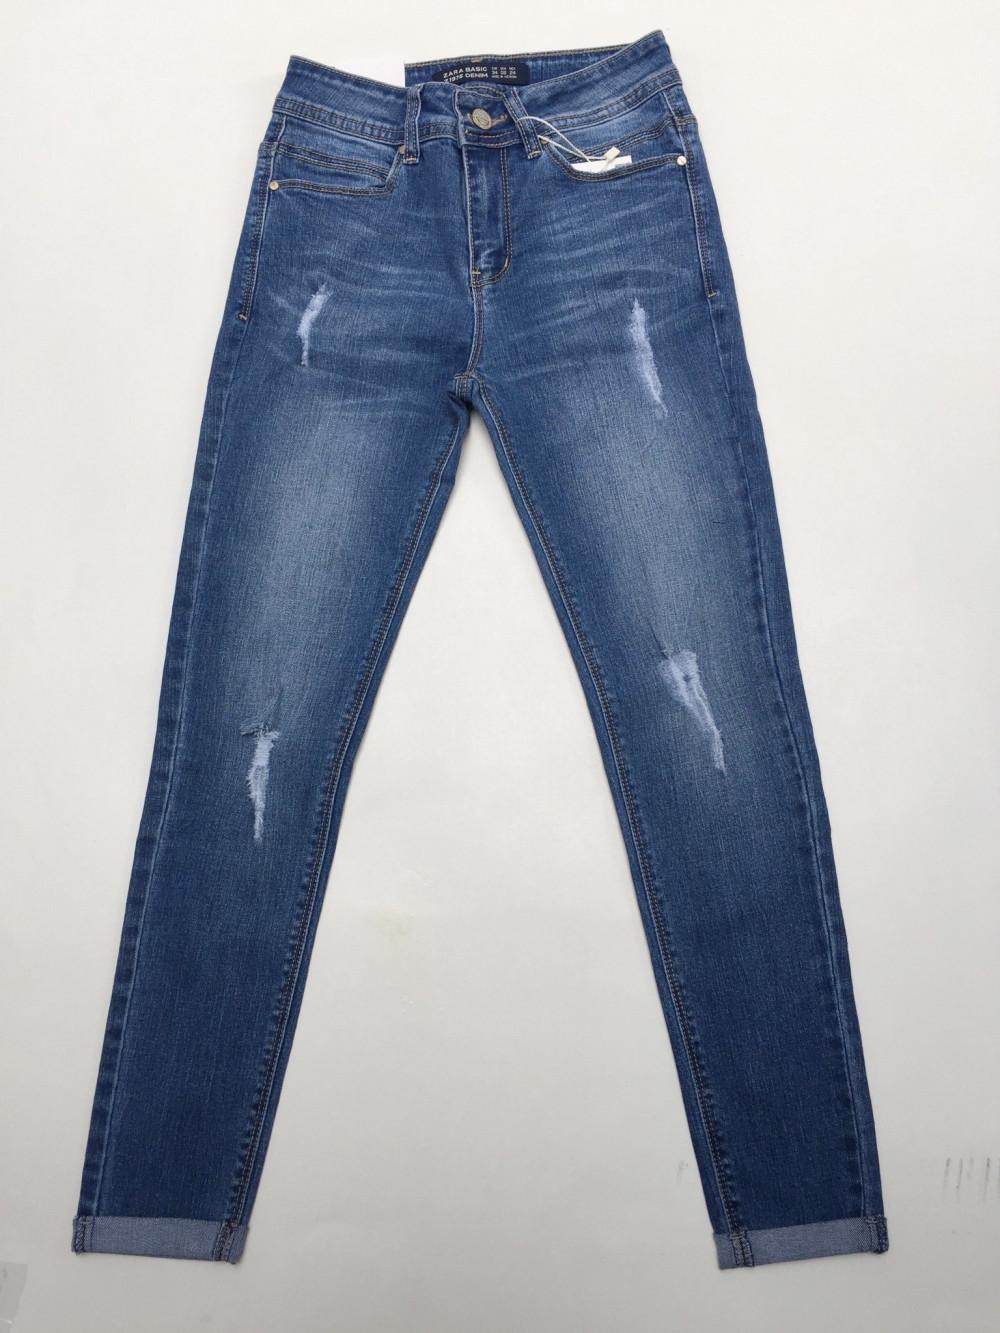 Xưởng bỏ sỉ quần jean nữ uy tín tphcm - 8